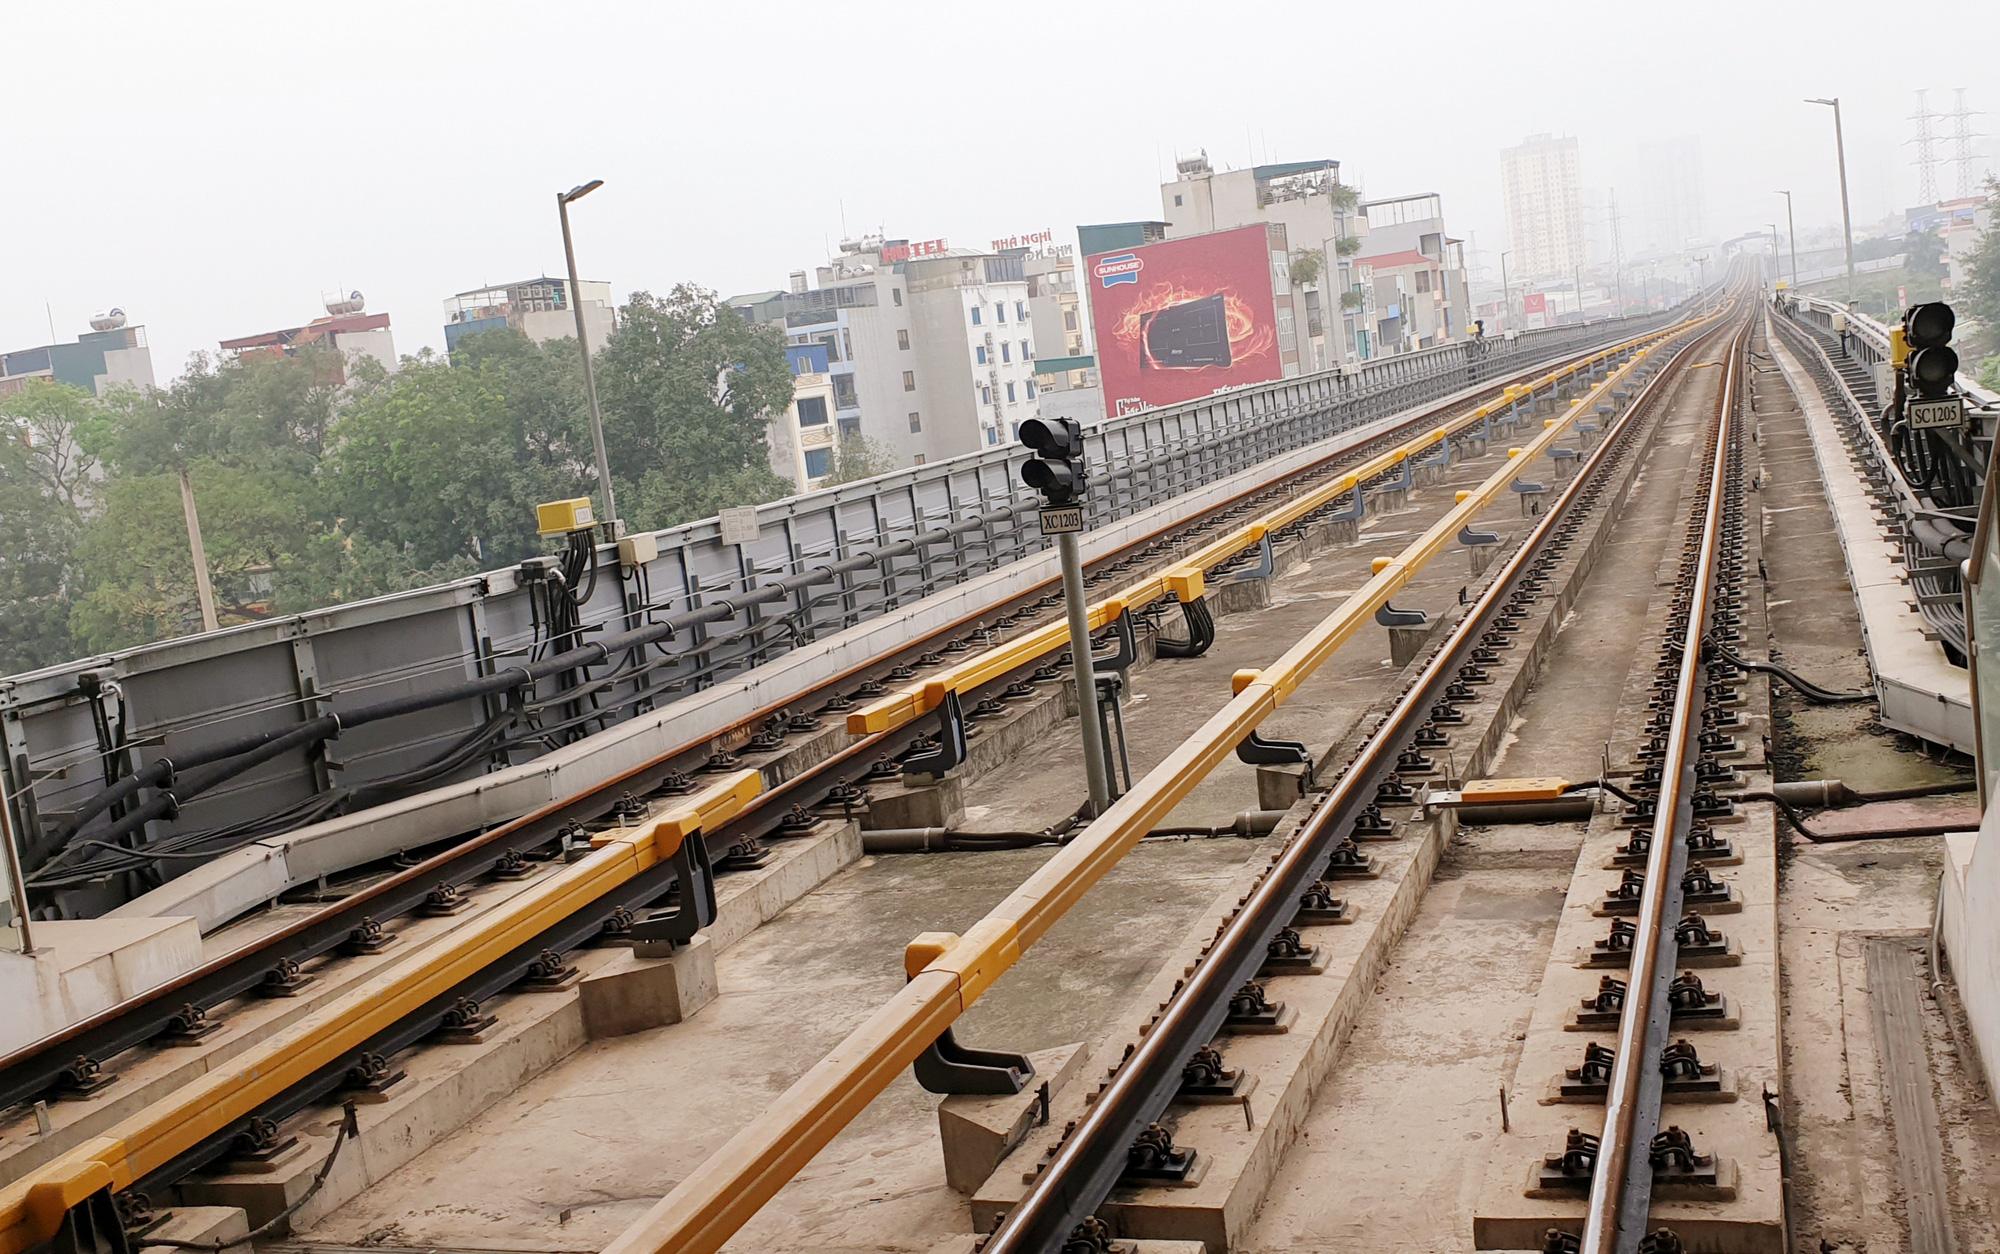 """Đường sắt Cát Linh - Hà Đông ngốn"""" thêm hơn 7,8 triệu USD, vì sao chưa chính thức vận hành? - Ảnh 2."""